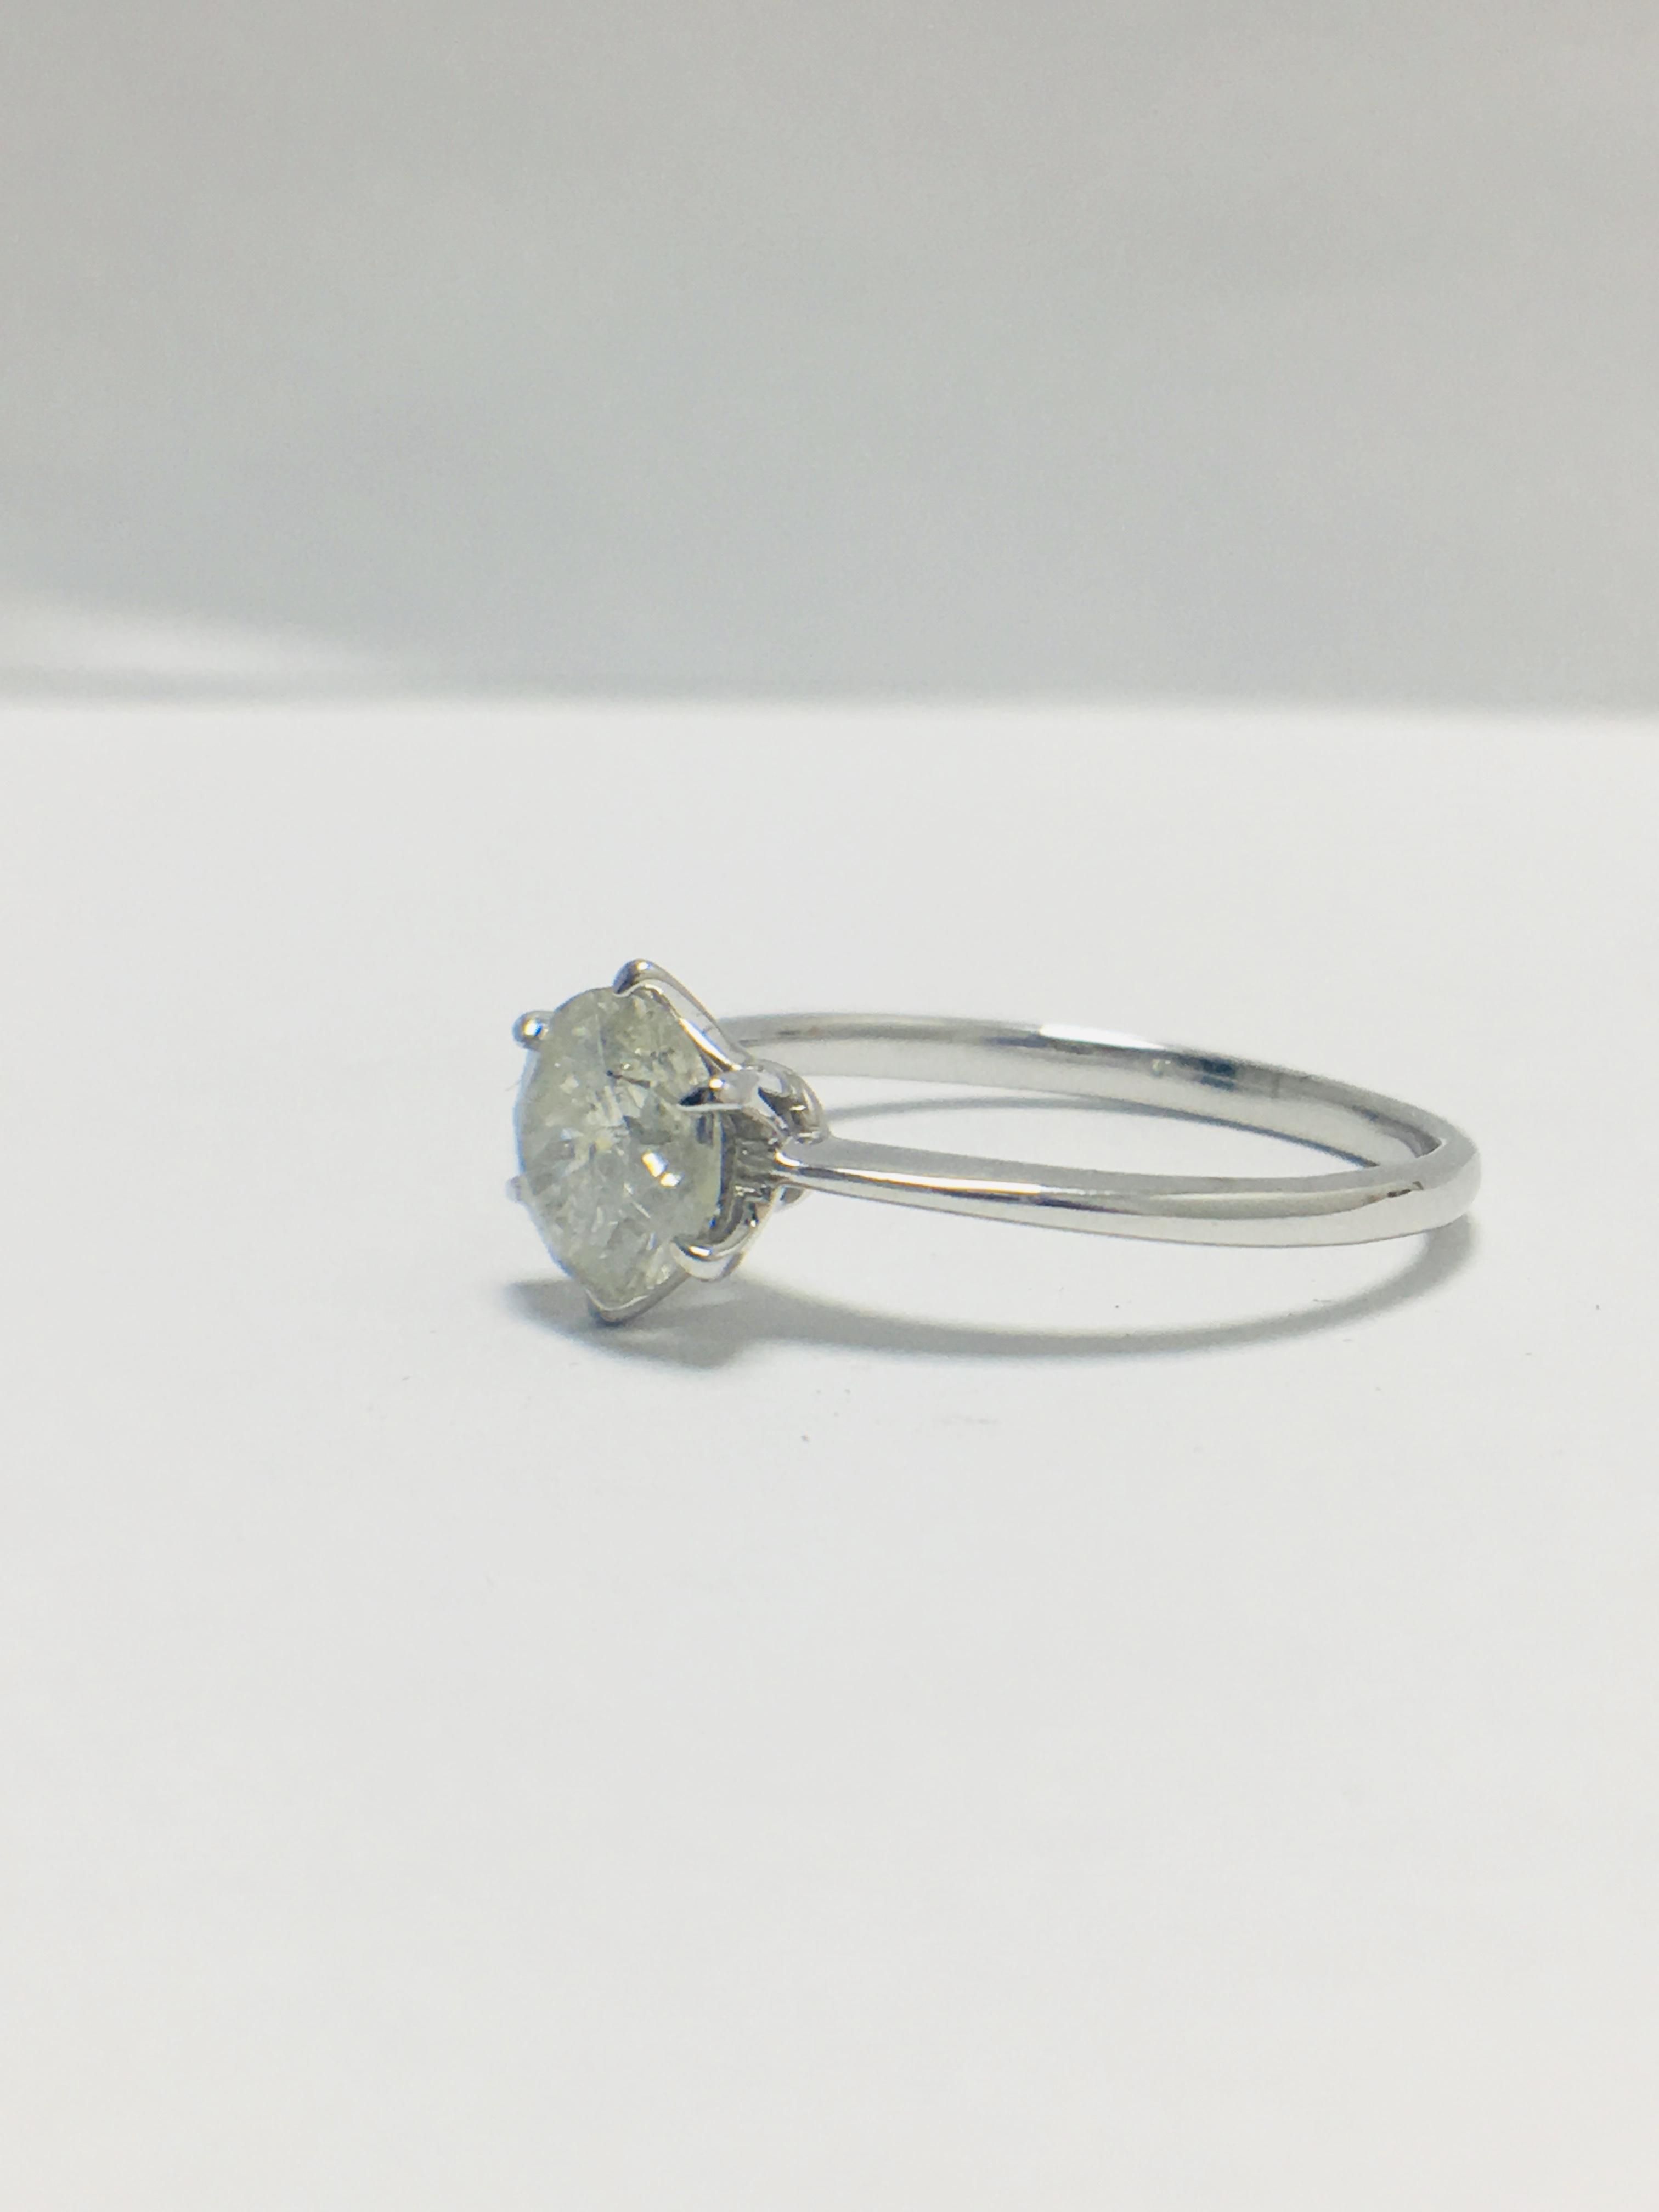 1ct platinum Diamond solitaire ring - Image 2 of 10